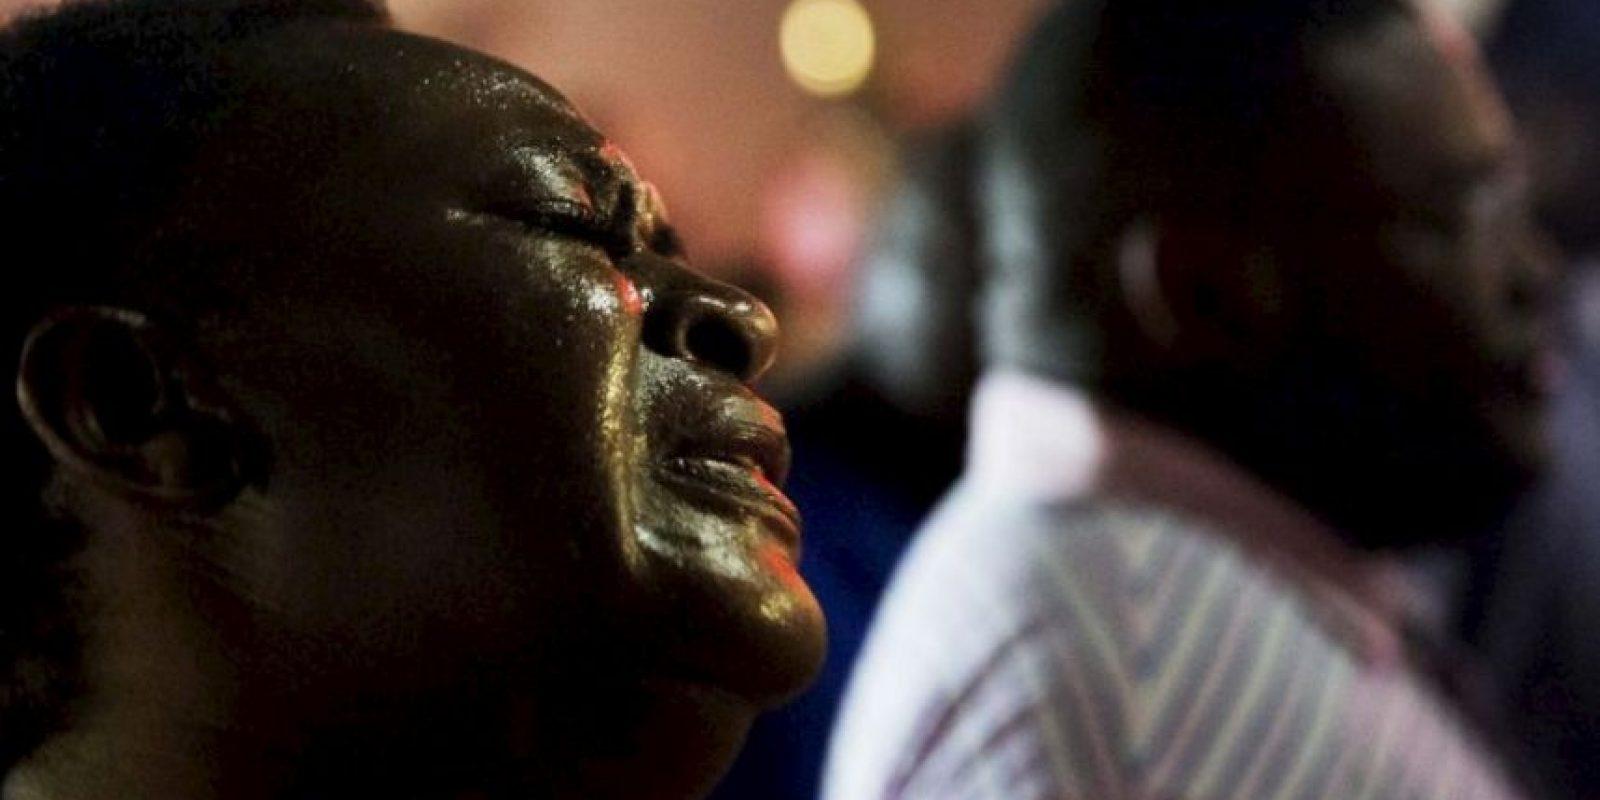 La masacre fue en una iglesia de California del Sur Foto:AP